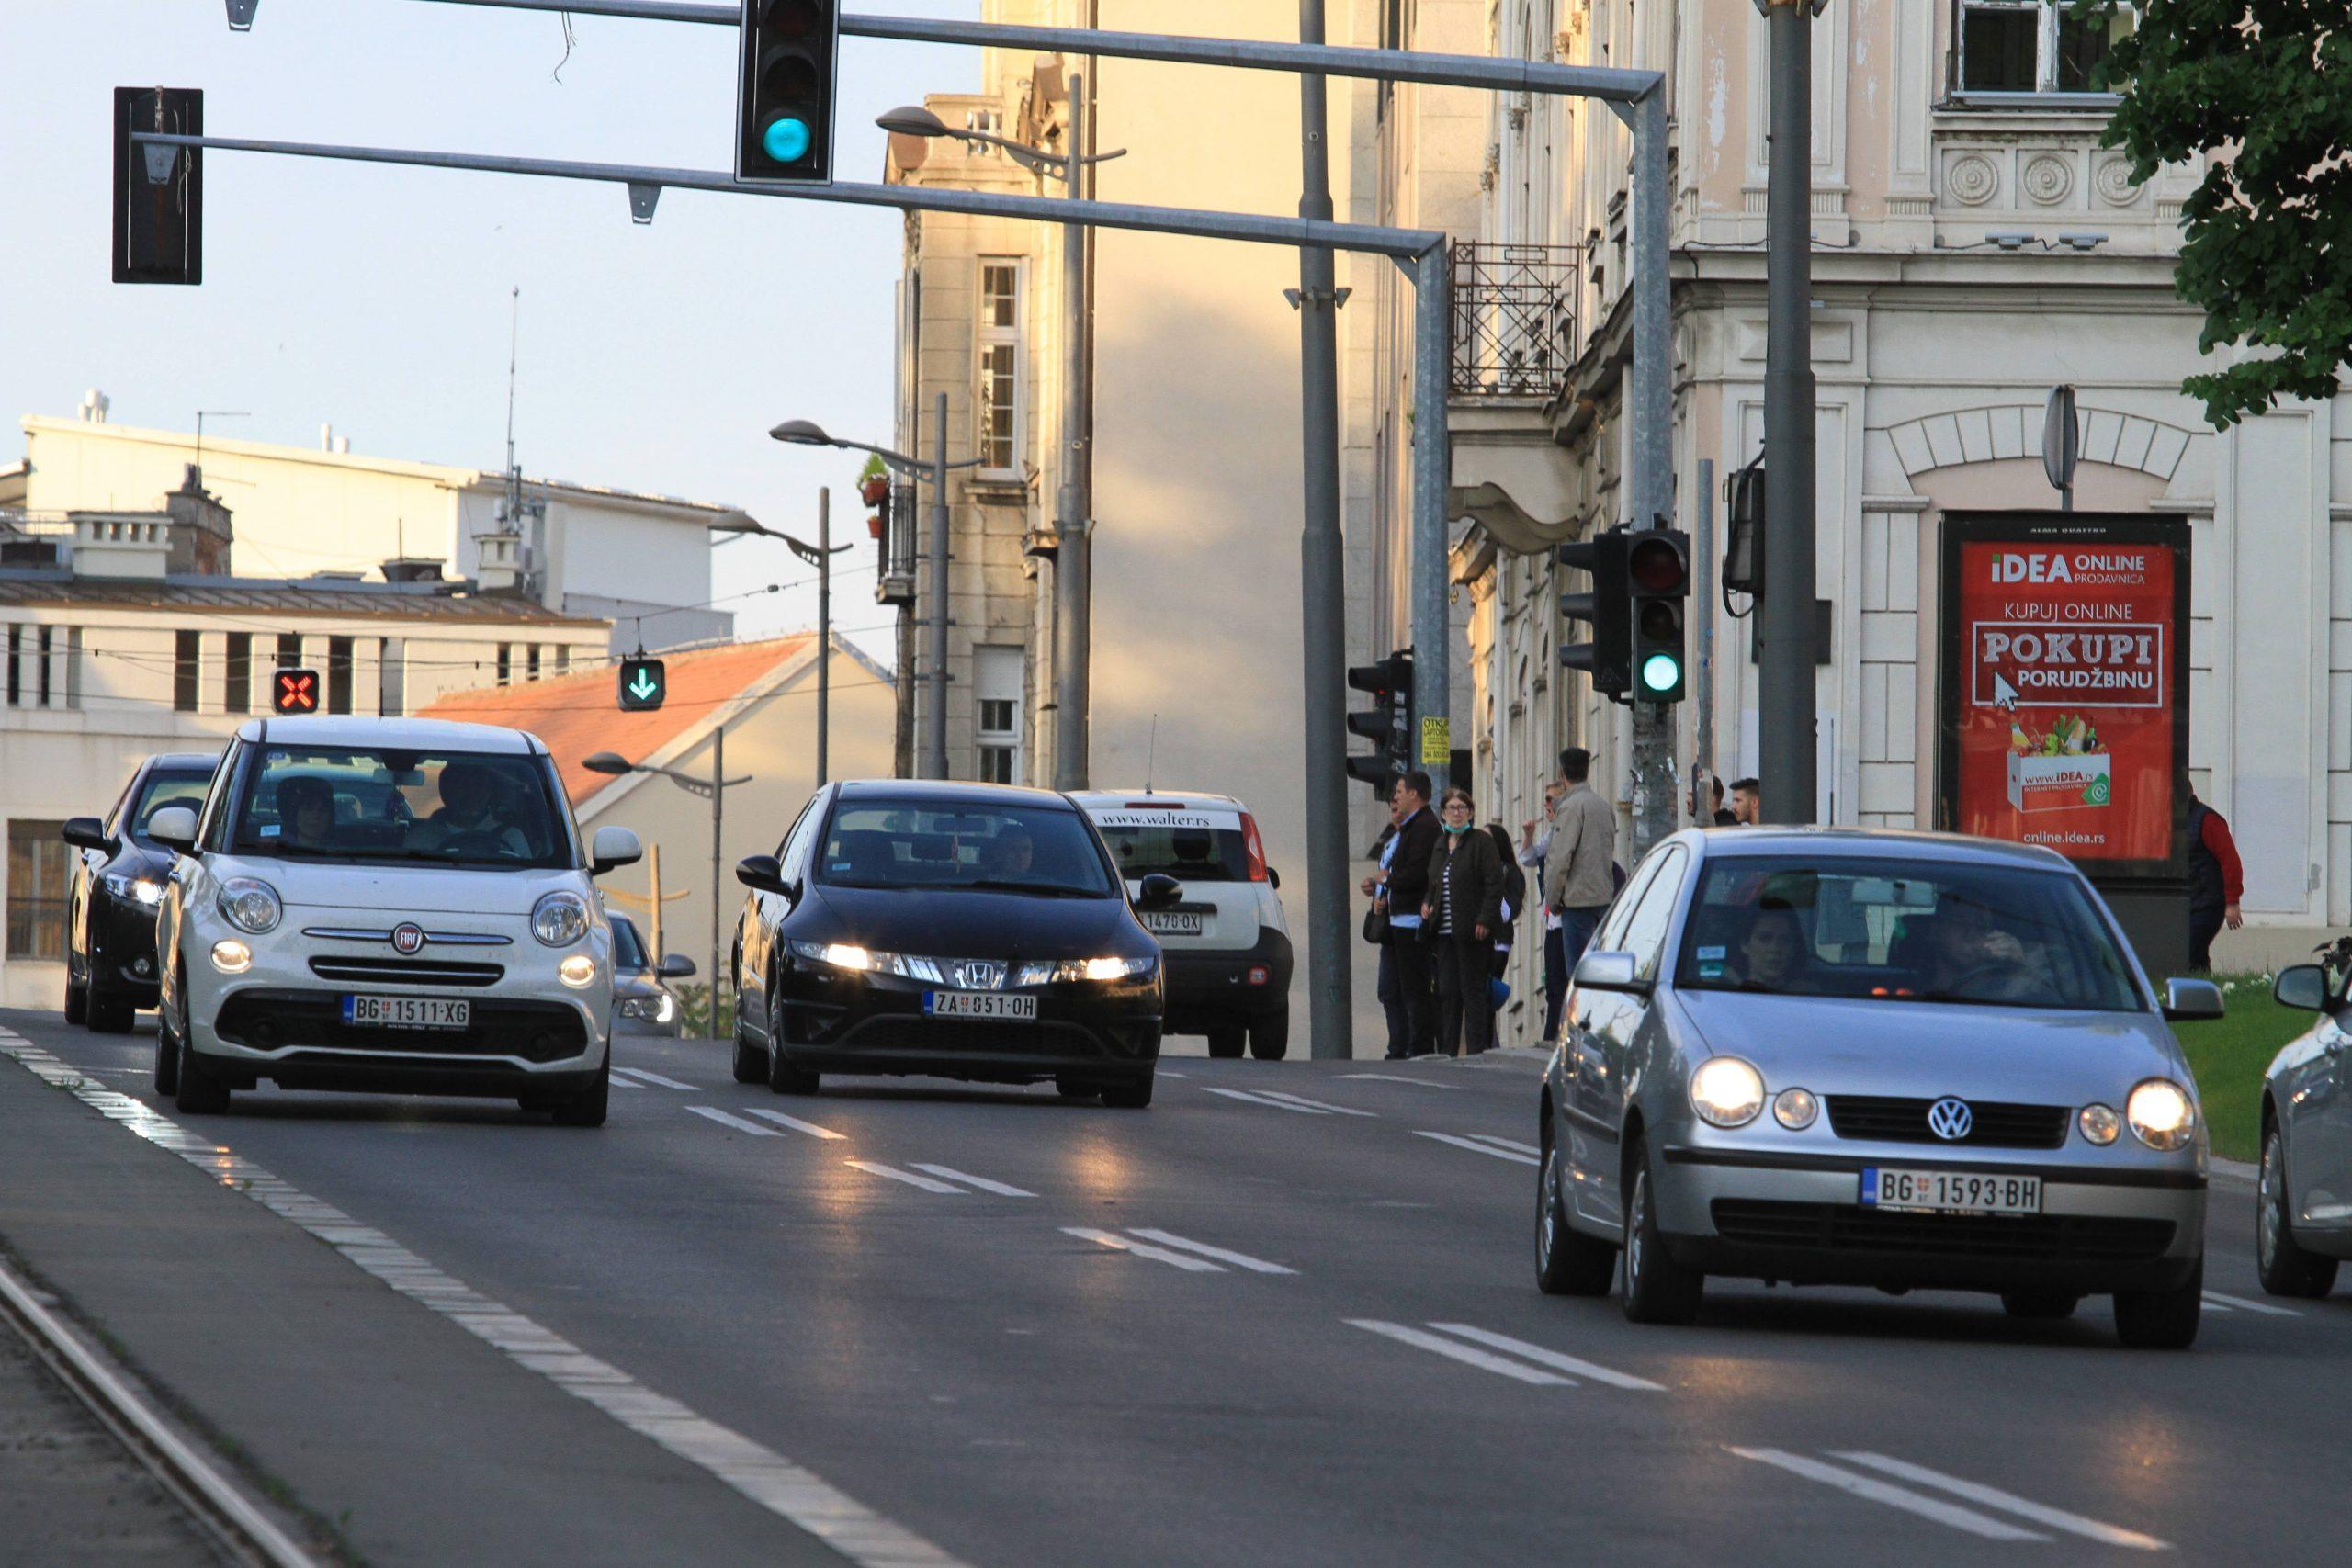 Registracija vozila ipak i posle 5. jula pod nepromenjenim uslovima 19